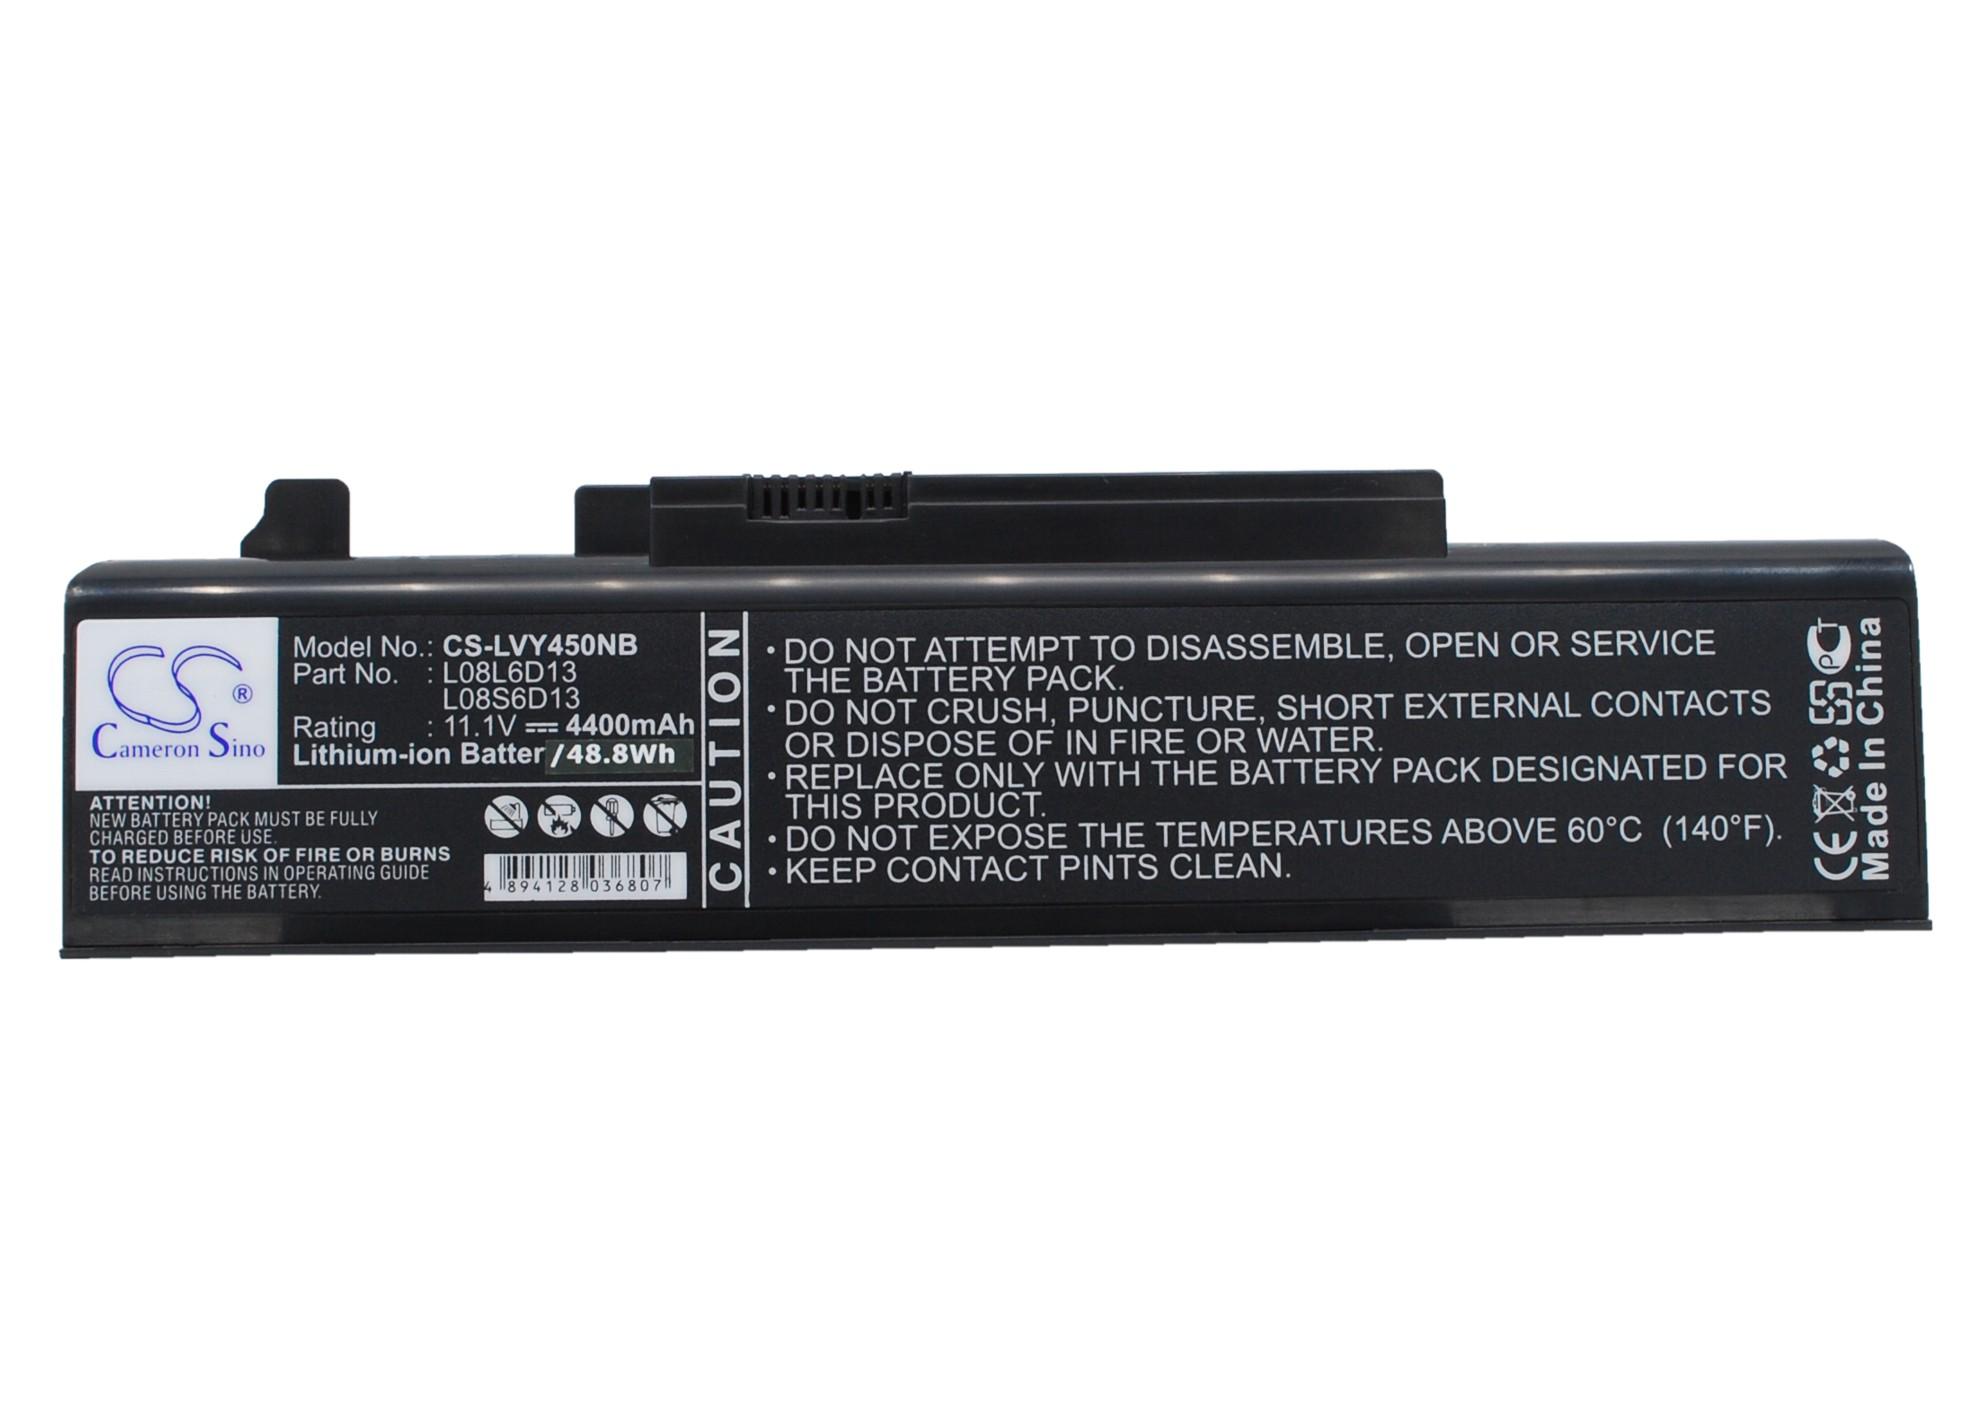 Cameron Sino baterie do notebooků pro LENOVO IdeaPad Y550 4186 11.1V Li-ion 4400mAh černá - neoriginální